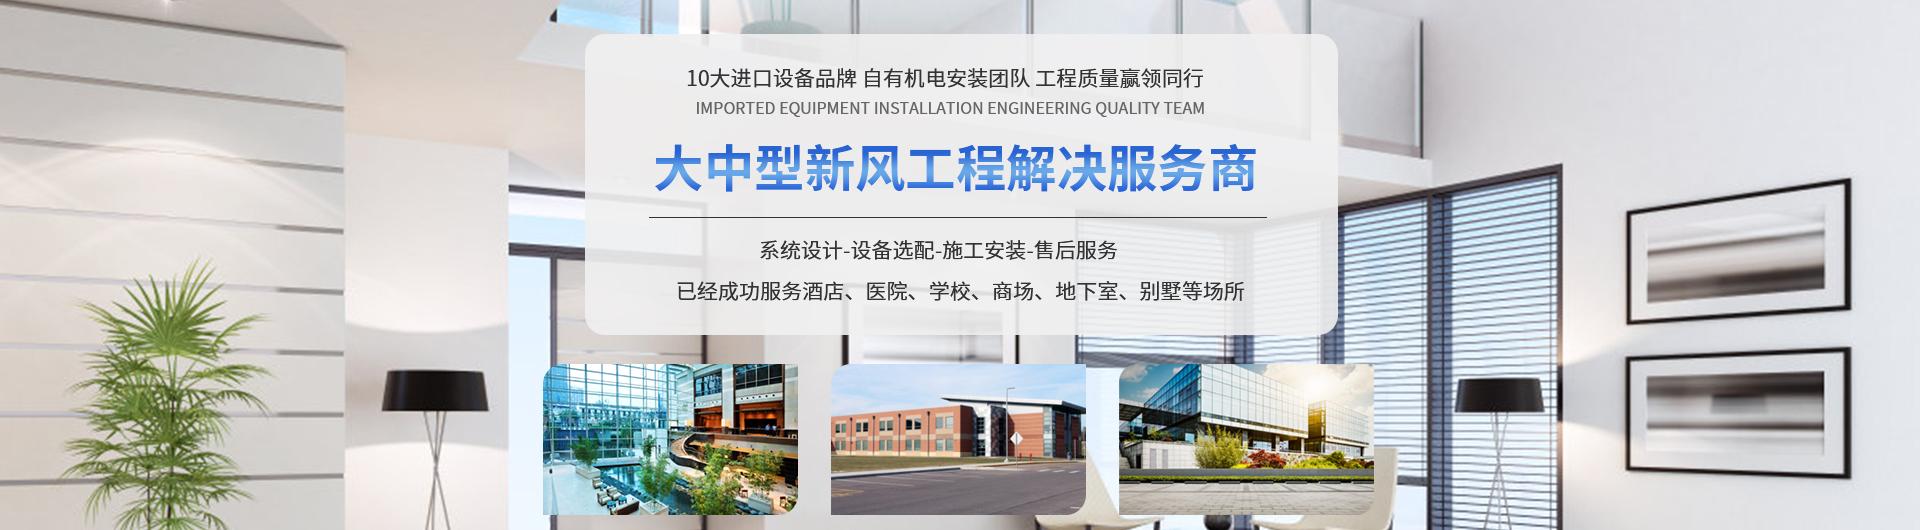 10大进口设备品牌 自有机电安装团队 工程质量赢领同行